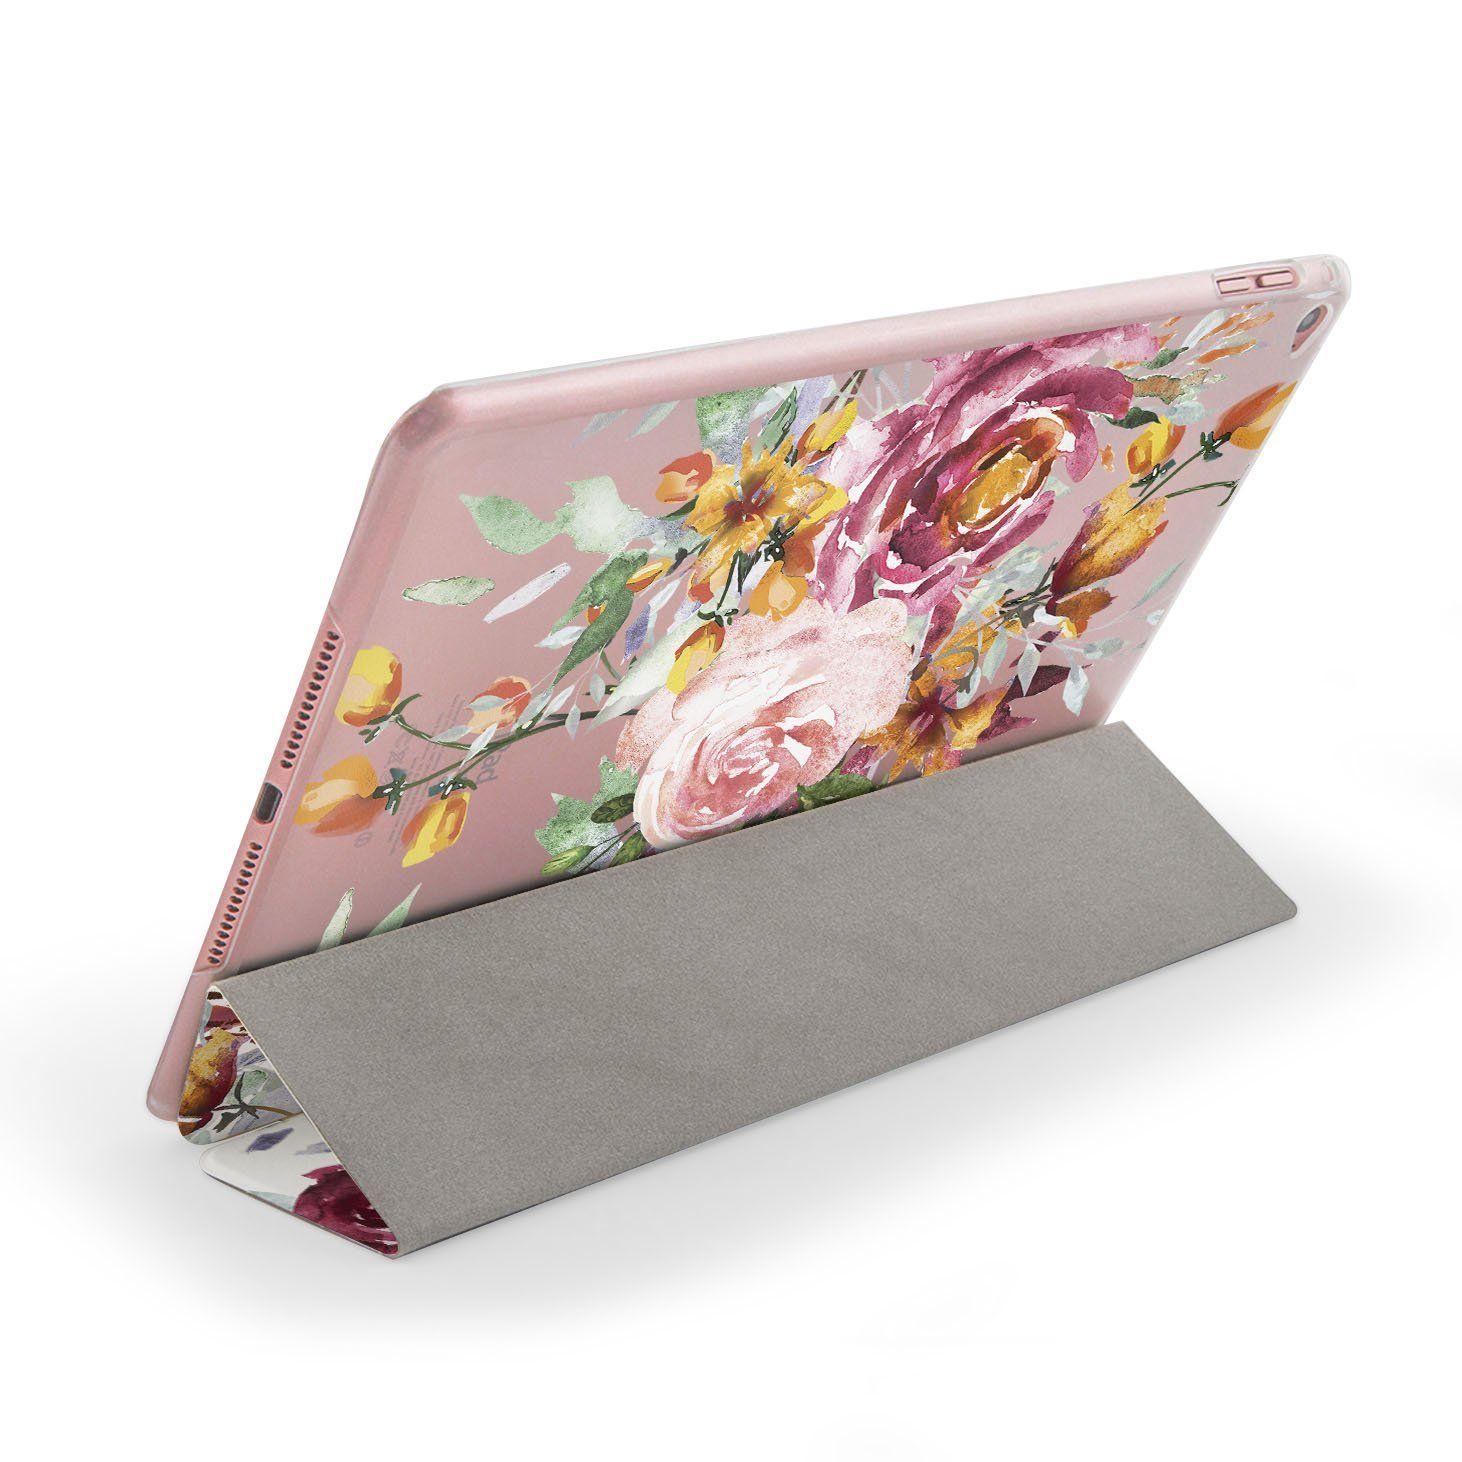 29a82ecdb28d0 Wonder Wild iPad Case 9.7 6th 5th Generation Smart Cover iPad Pro ...